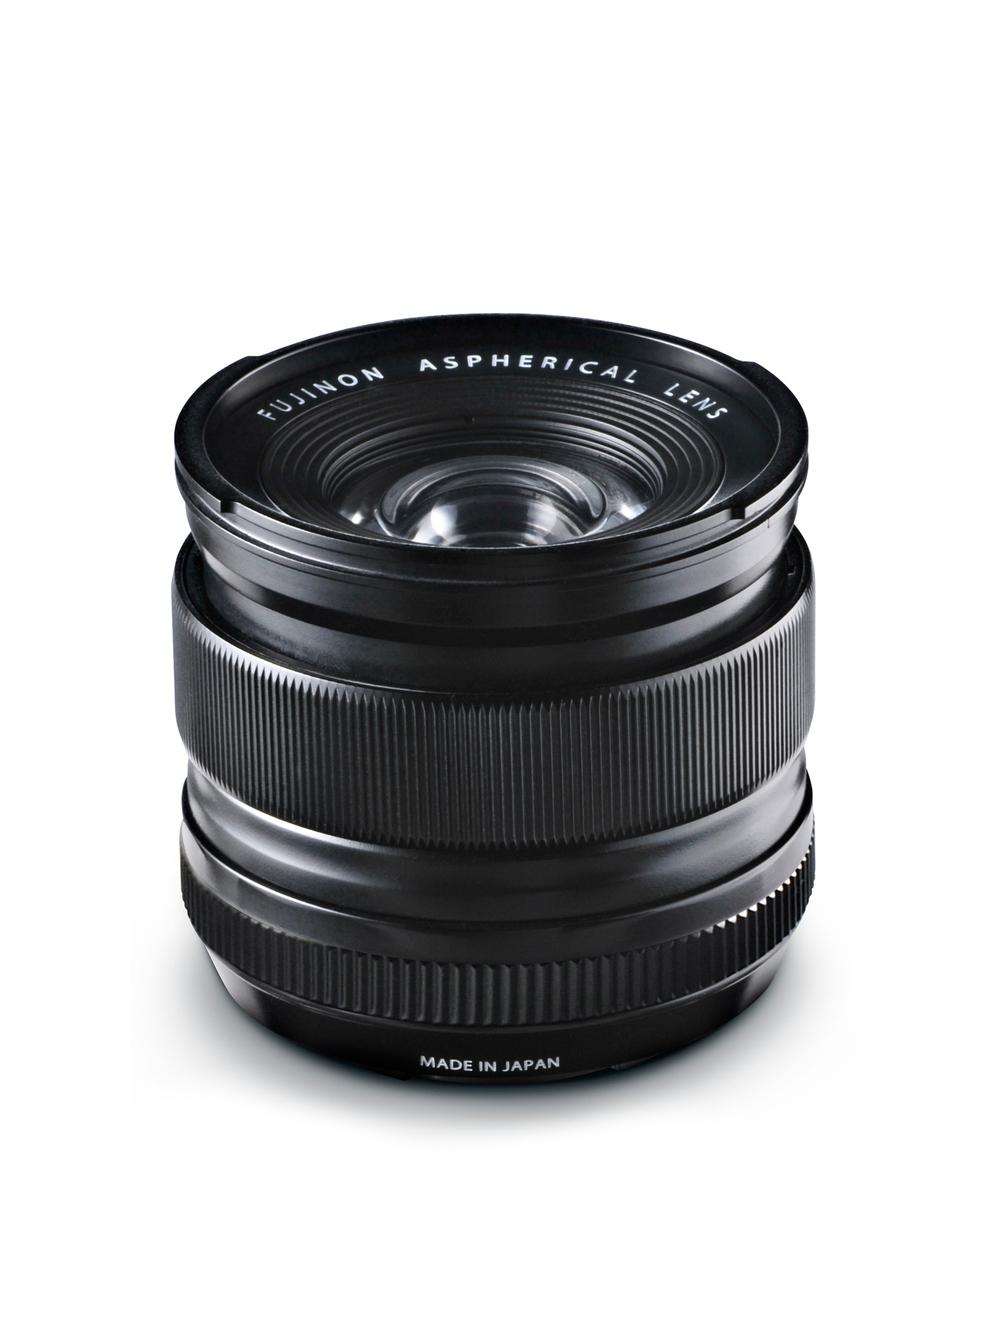 xf_lens_14mm.jpg